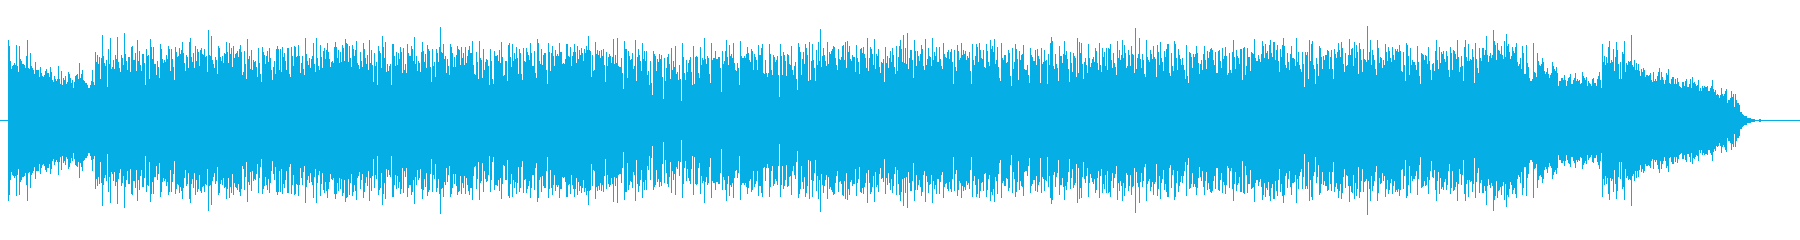 軽快でリズミカルなテクノサウンドの再生済みの波形